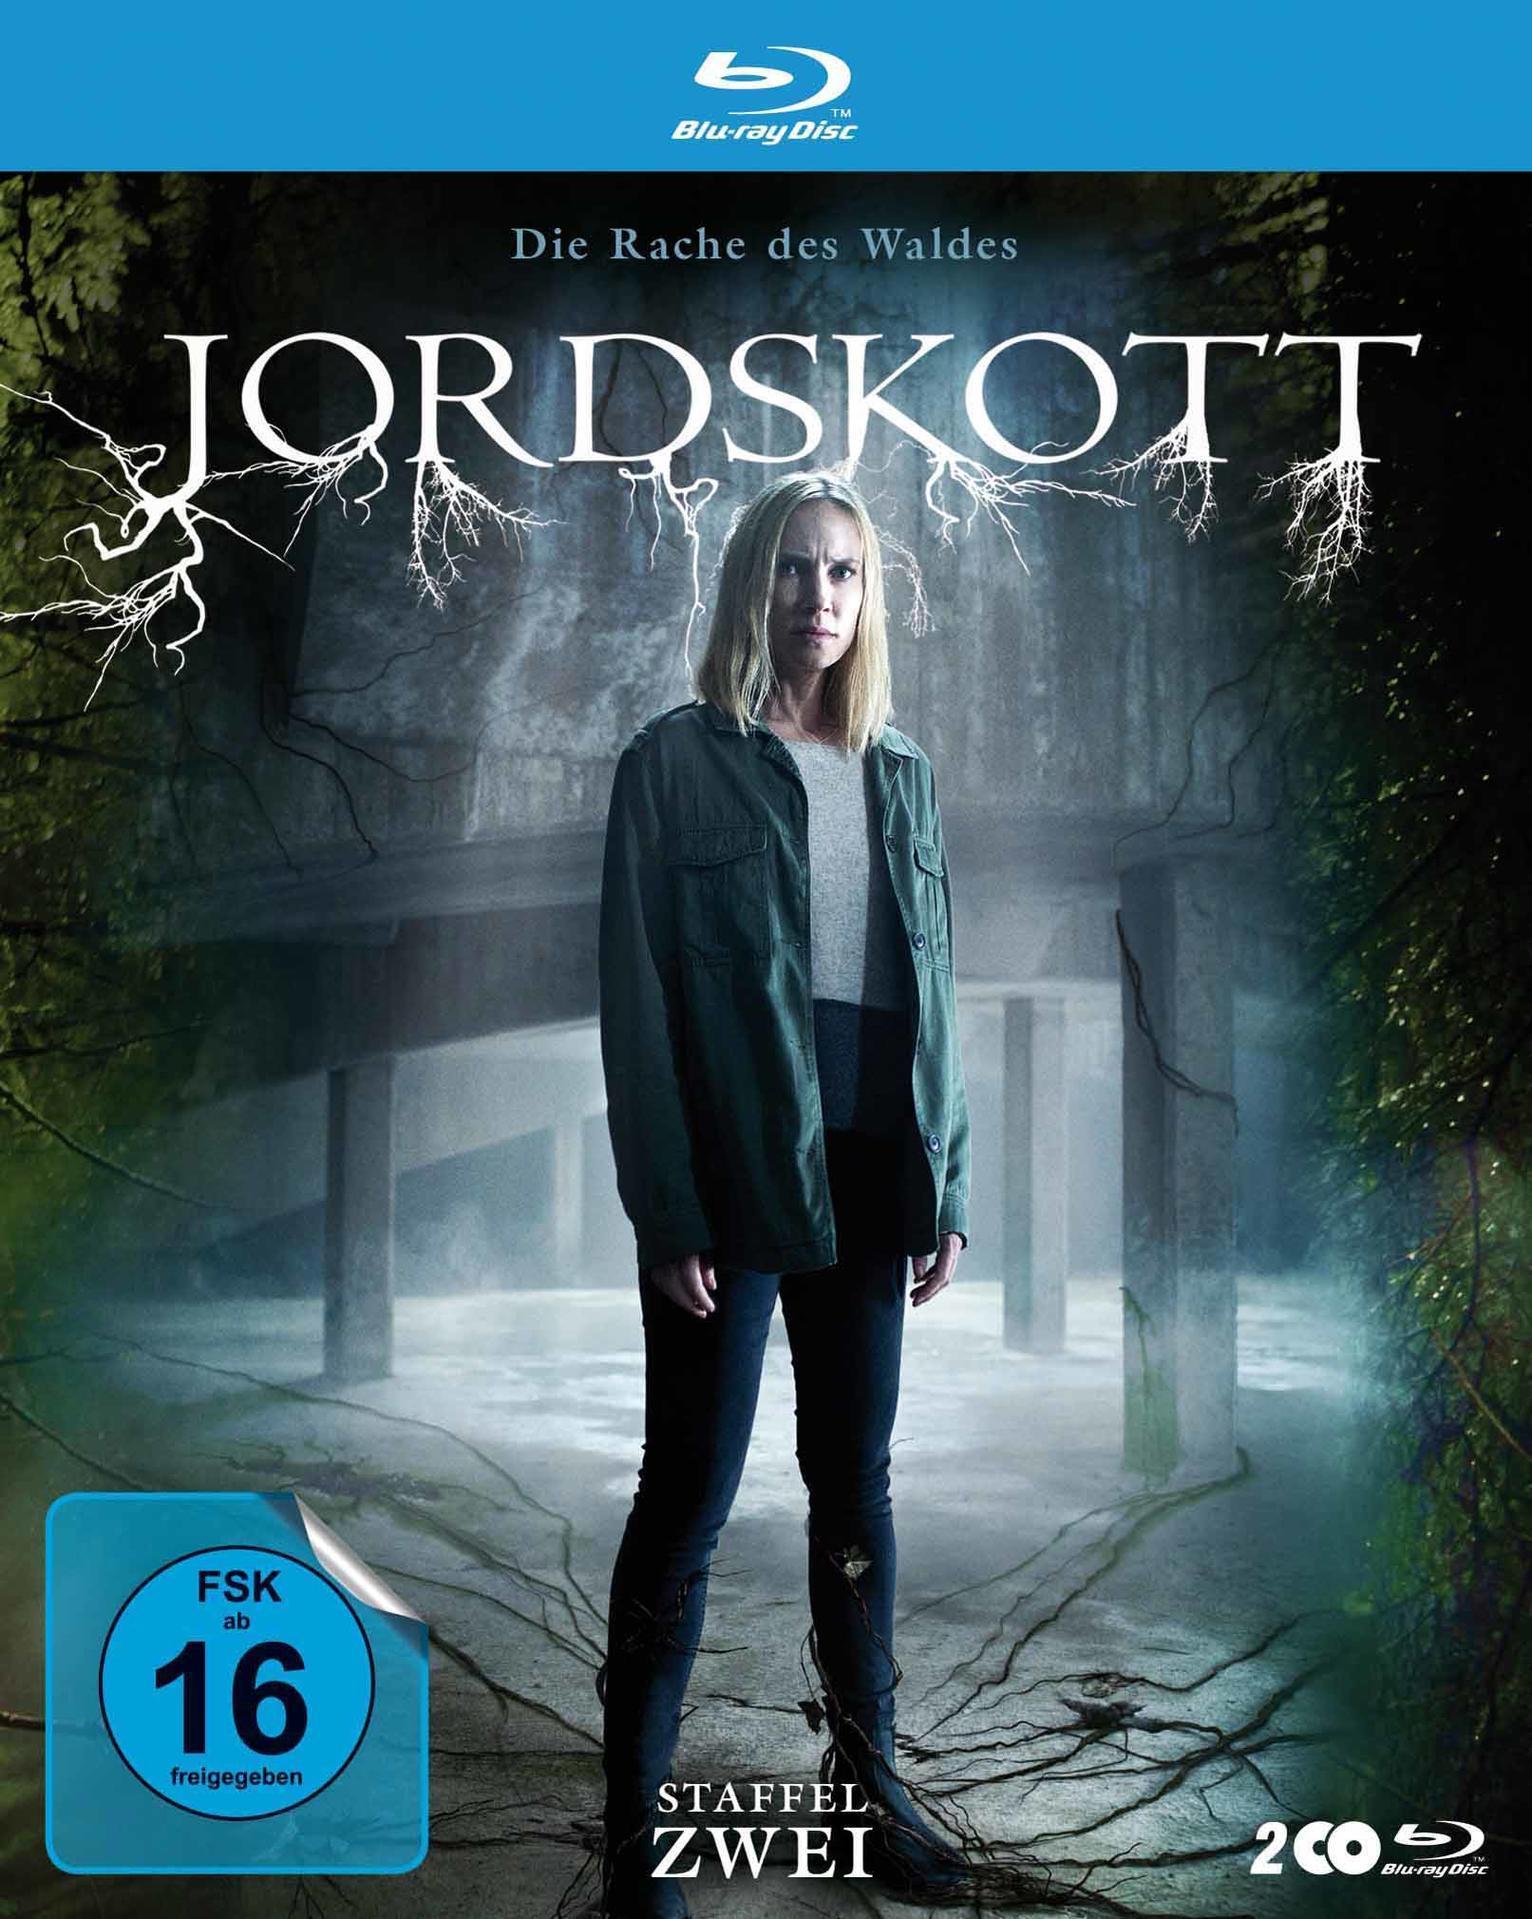 Jordskott - Die Rache des Waldes: Staffel 2 - 2 Disc Bluray (BLU-RAY) für 27,46 Euro